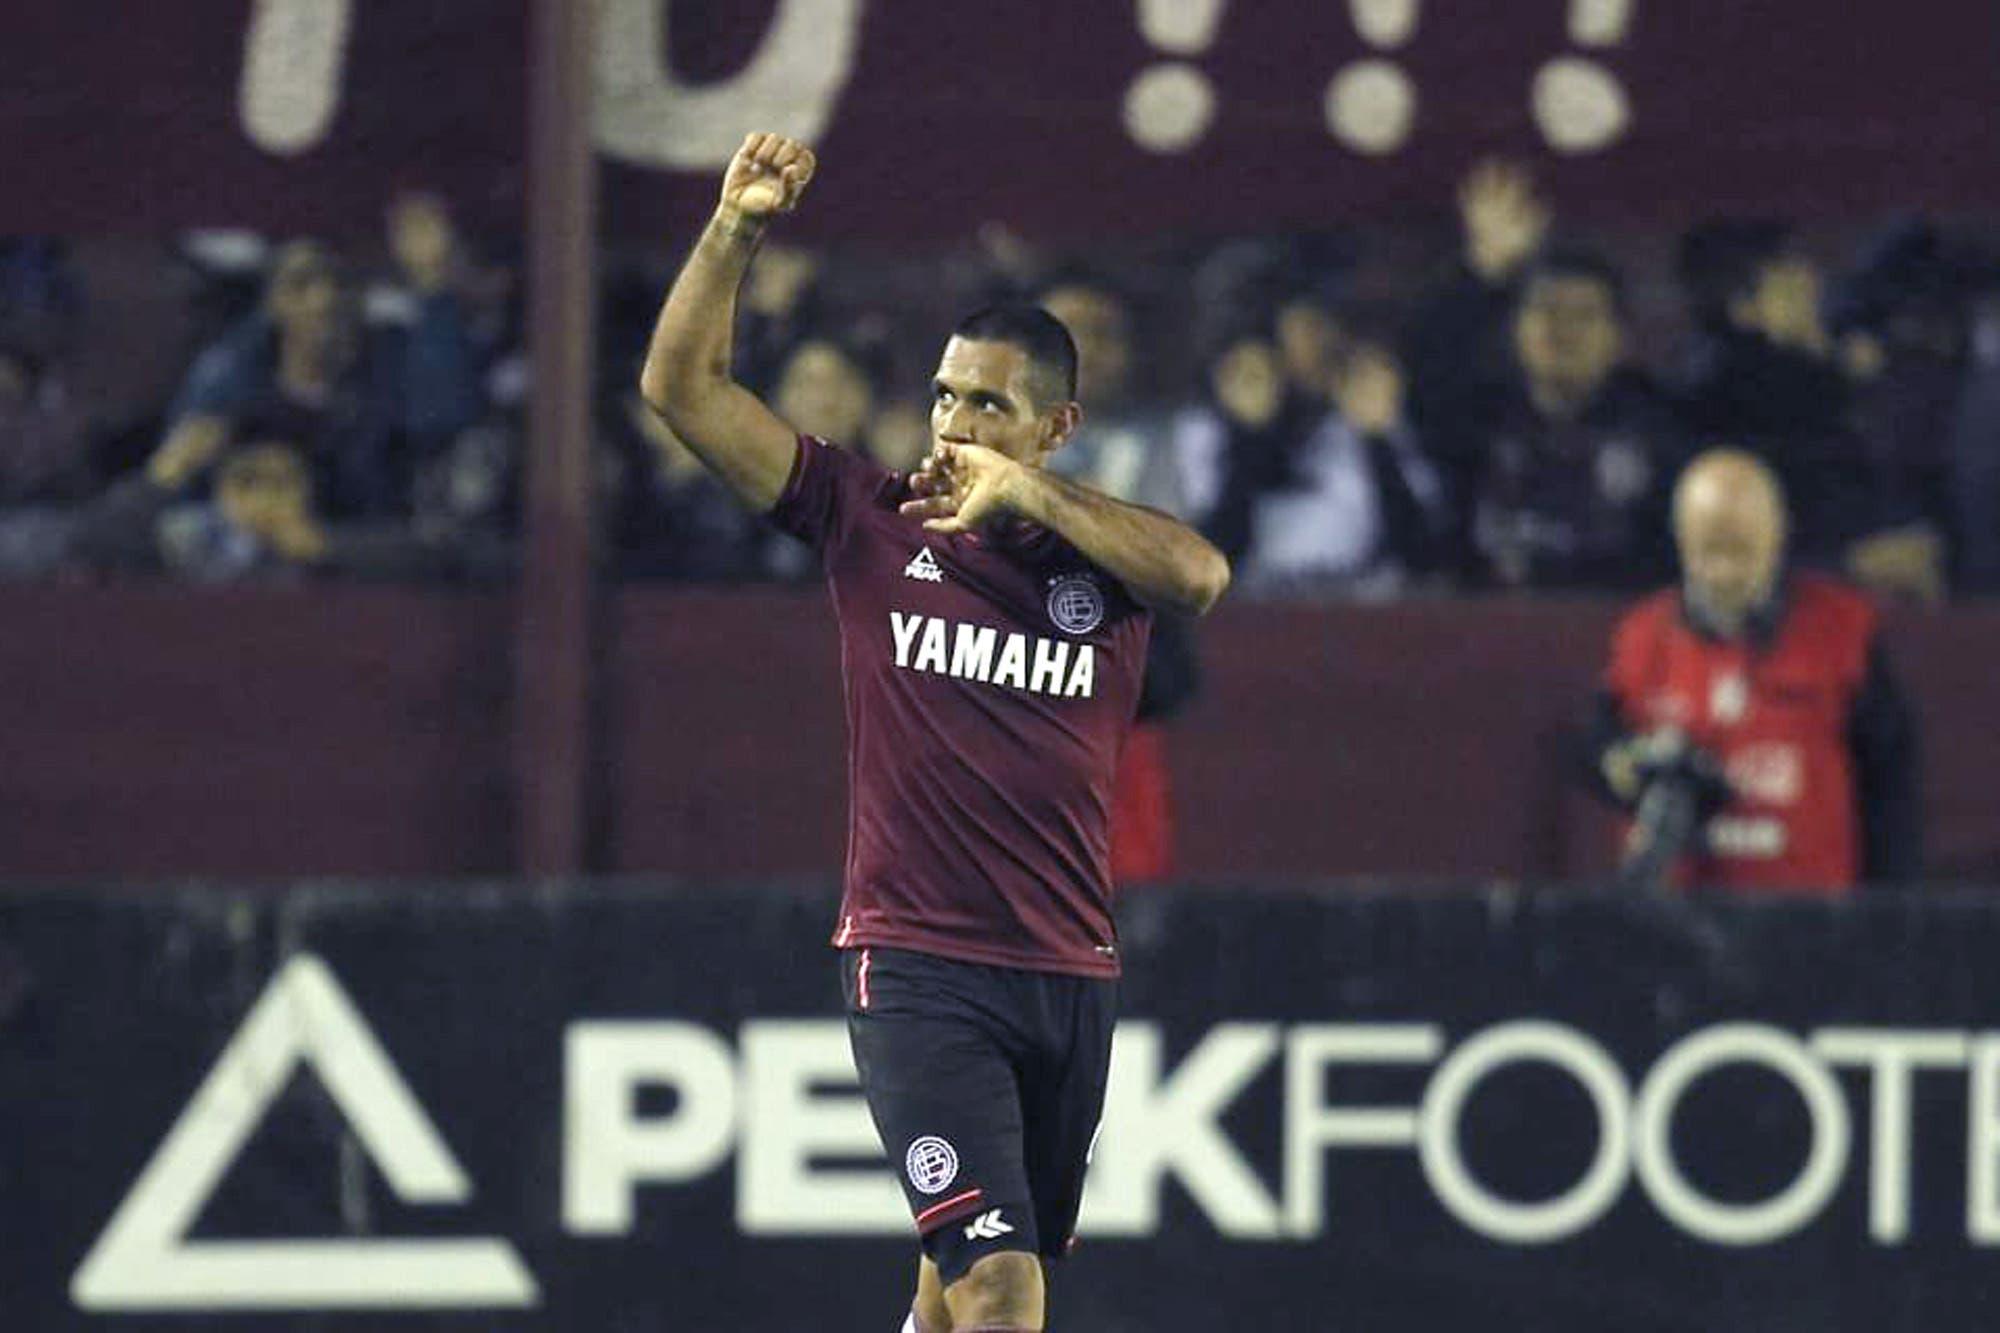 Lanús-Boca: el cabezazo de Sand, el tiro libre genial de Zárate y el toque de Auzqui, los goles del partido